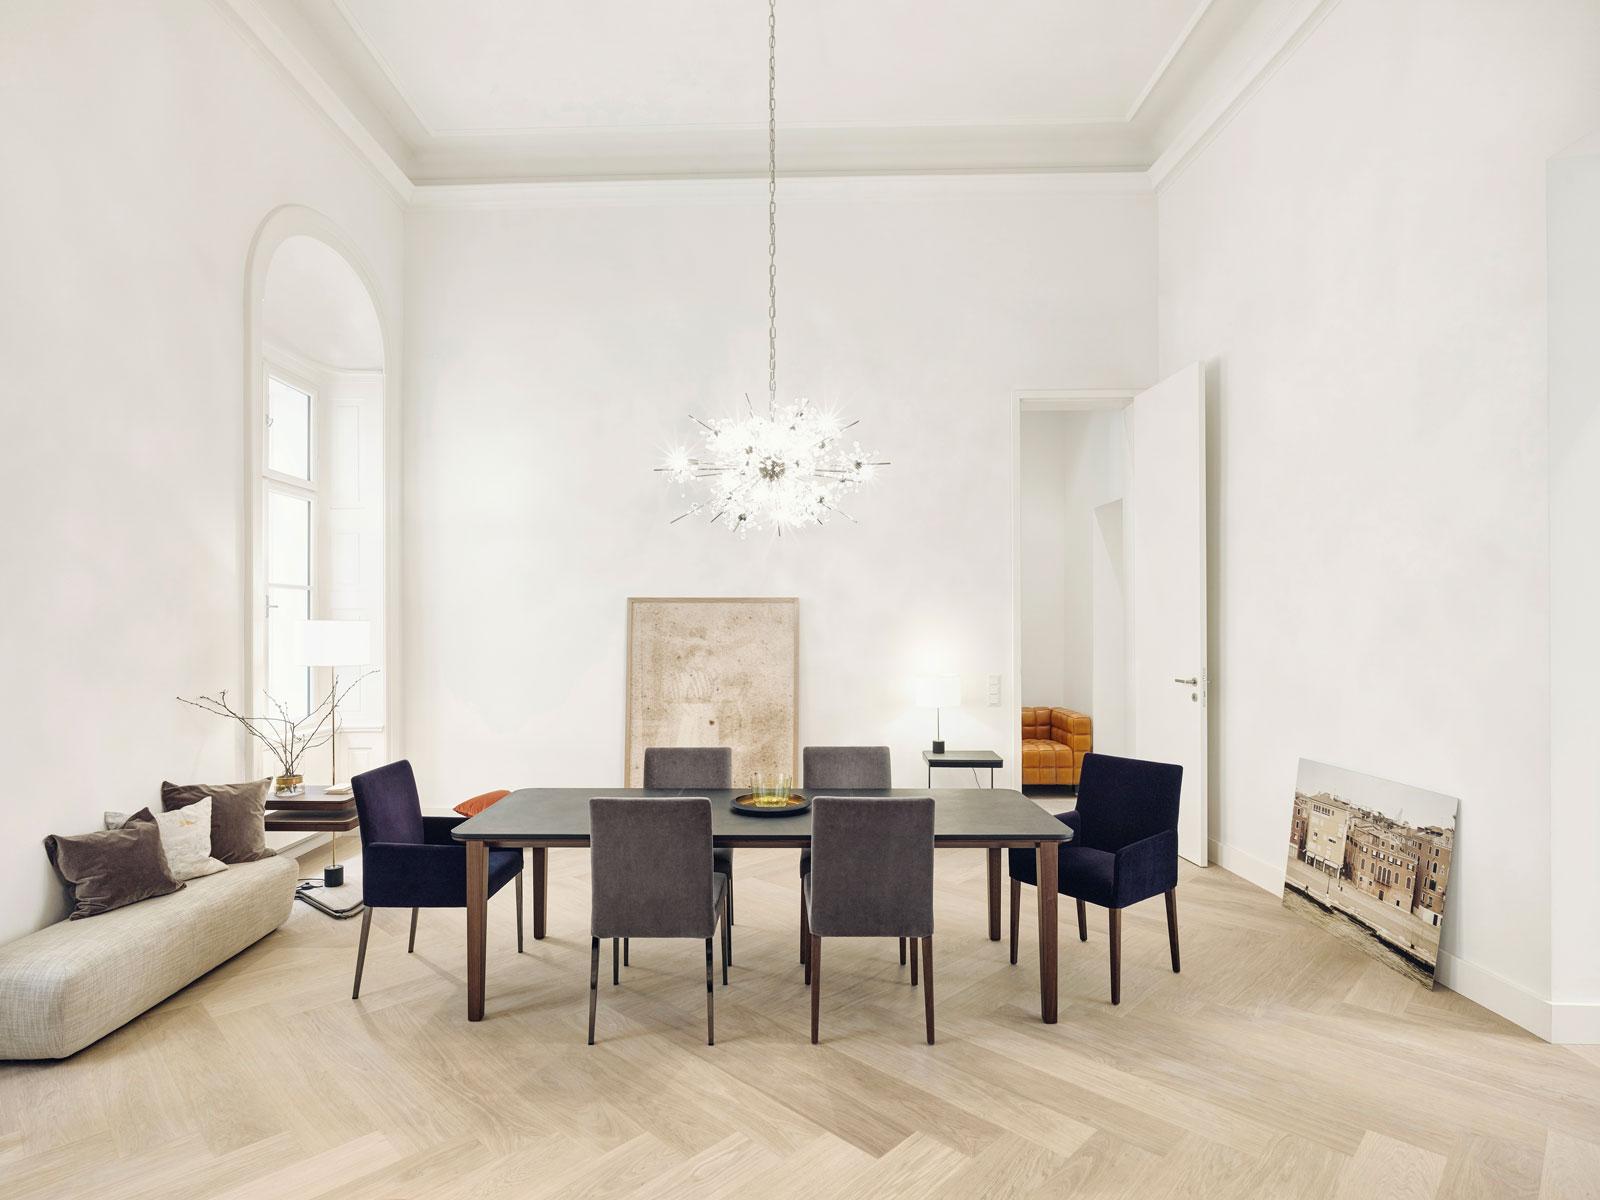 komfortable st hle f rs esszimmer bei hans g bock. Black Bedroom Furniture Sets. Home Design Ideas